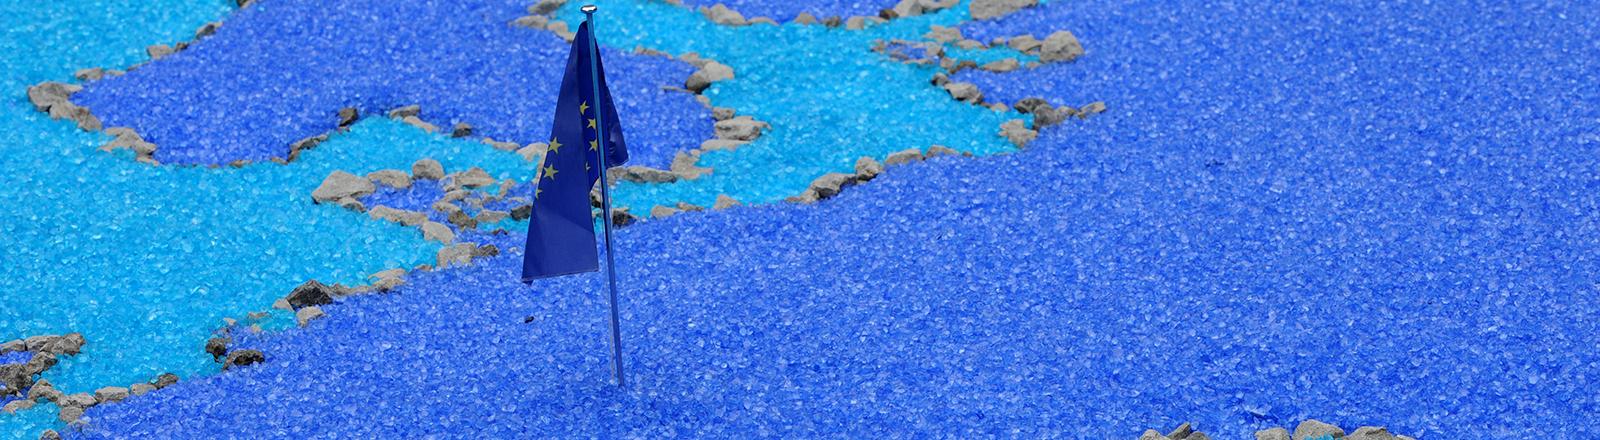 Eine Europa-Flagge steckt am Freitag (21.10.2011) auf der Blumenschau «Chrysanthema» in Lahr (Ortenaukreis) inmitten einer Europakarte. Die Schau ist Veranstalterangaben zufolge das größte Blumenfestival in Deutschland im Spätherbst. Sie beginnt am Samstag (22.10.2011) und dauert bis zum 13. November 2011. Es werden wie in den Vorjahren mehr als 300.000 Besucher erwartet. Foto: Patrick Seeger dpa/lsw